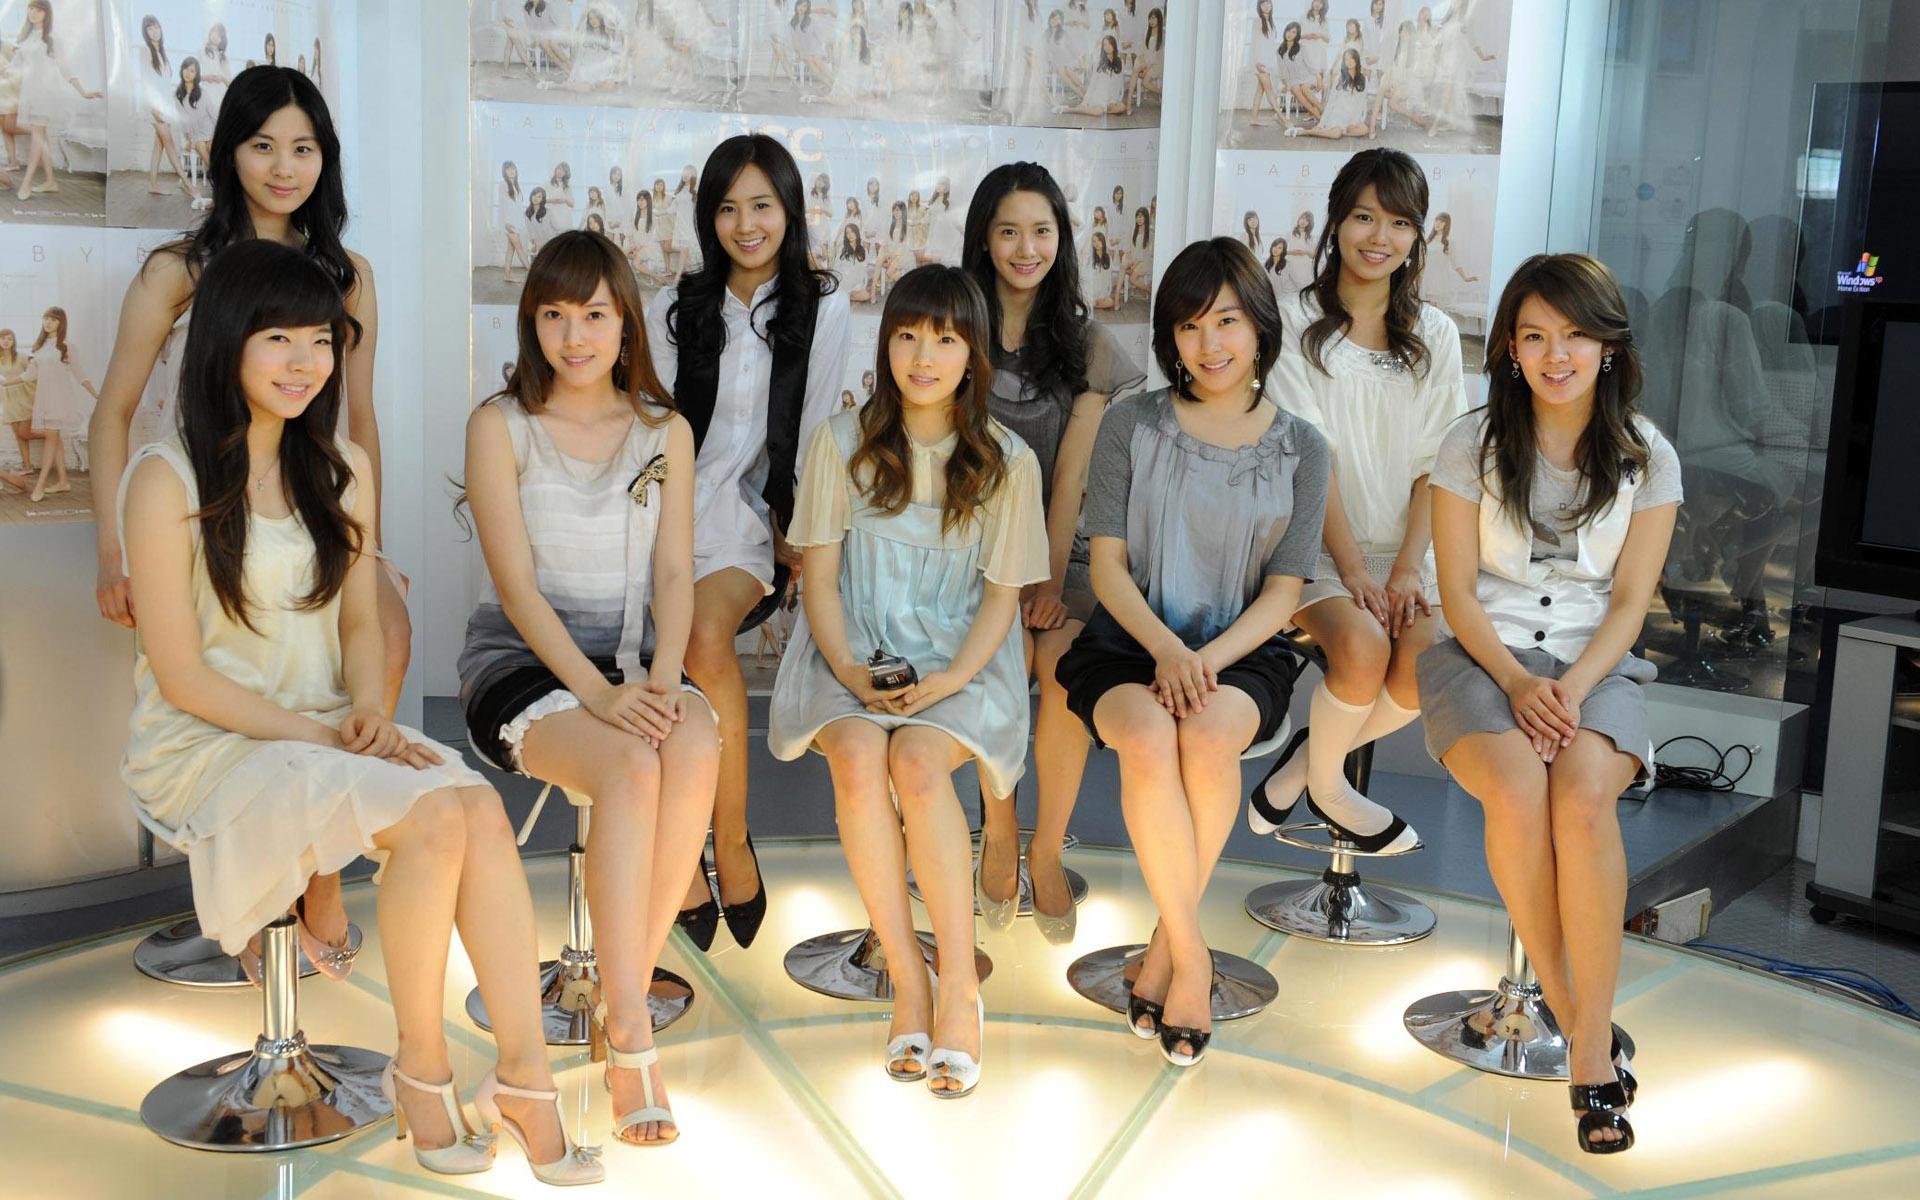 少女时代组合成员高清图片素材专辑二中国资源